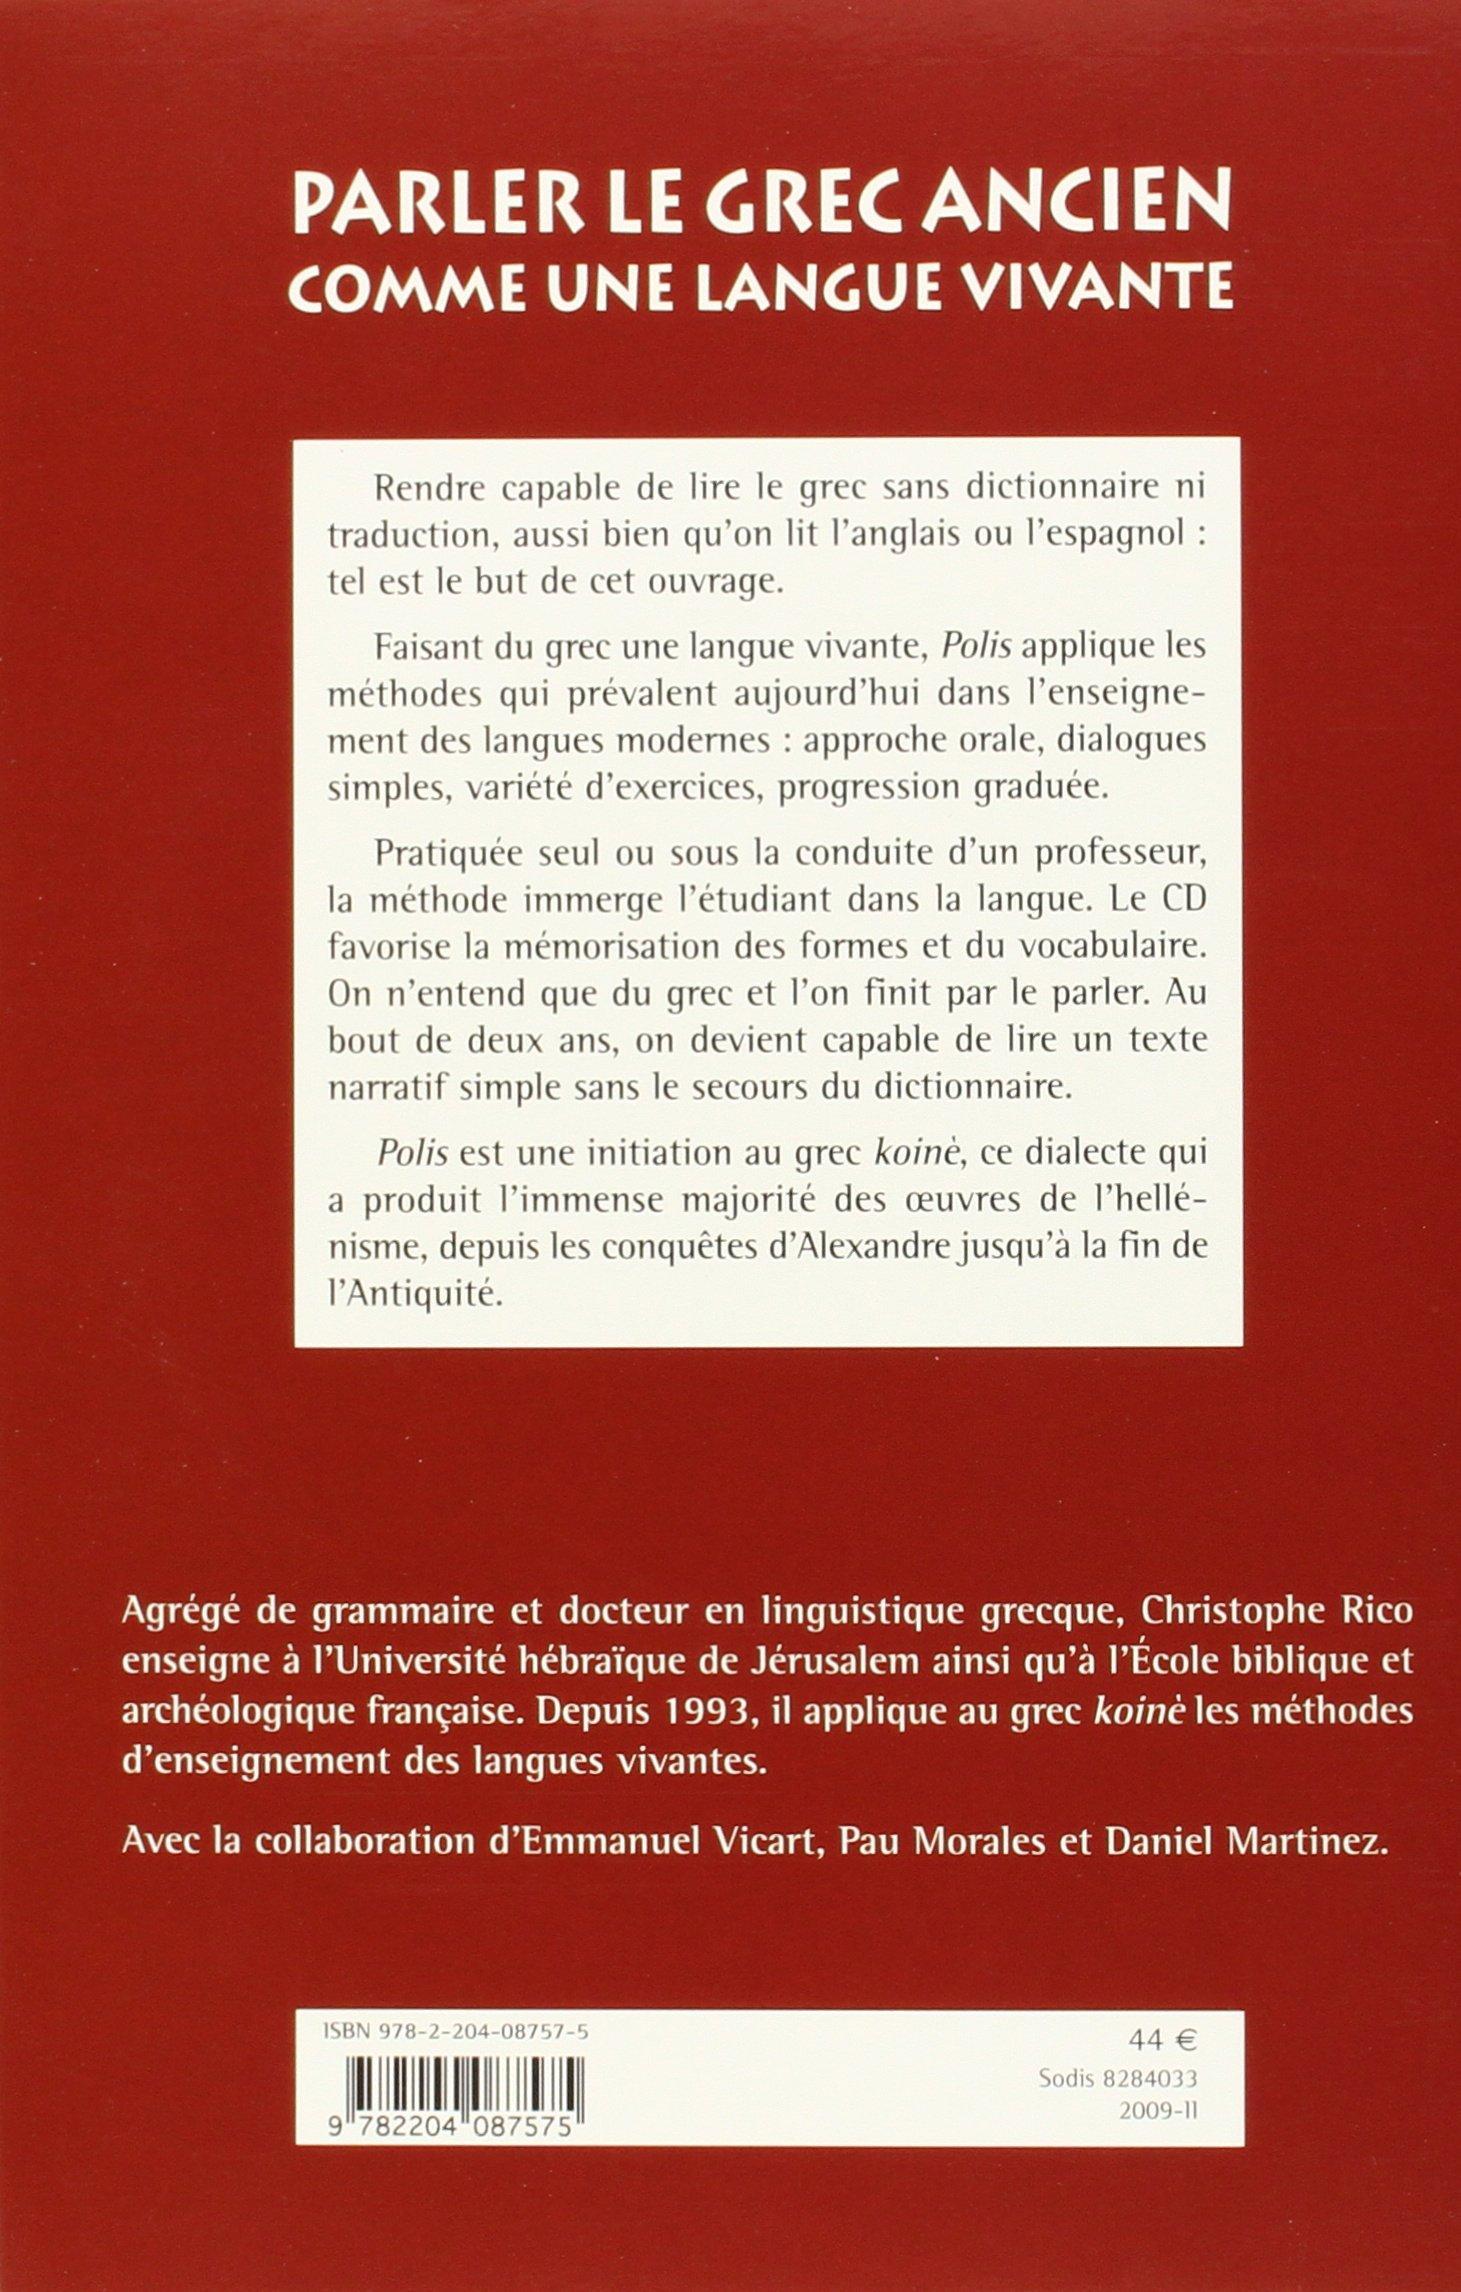 Amazon.fr - Polis : Parler le grec ancien comme une langue vivante (1CD  audio) - Christophe Rico, Collectif - Livres